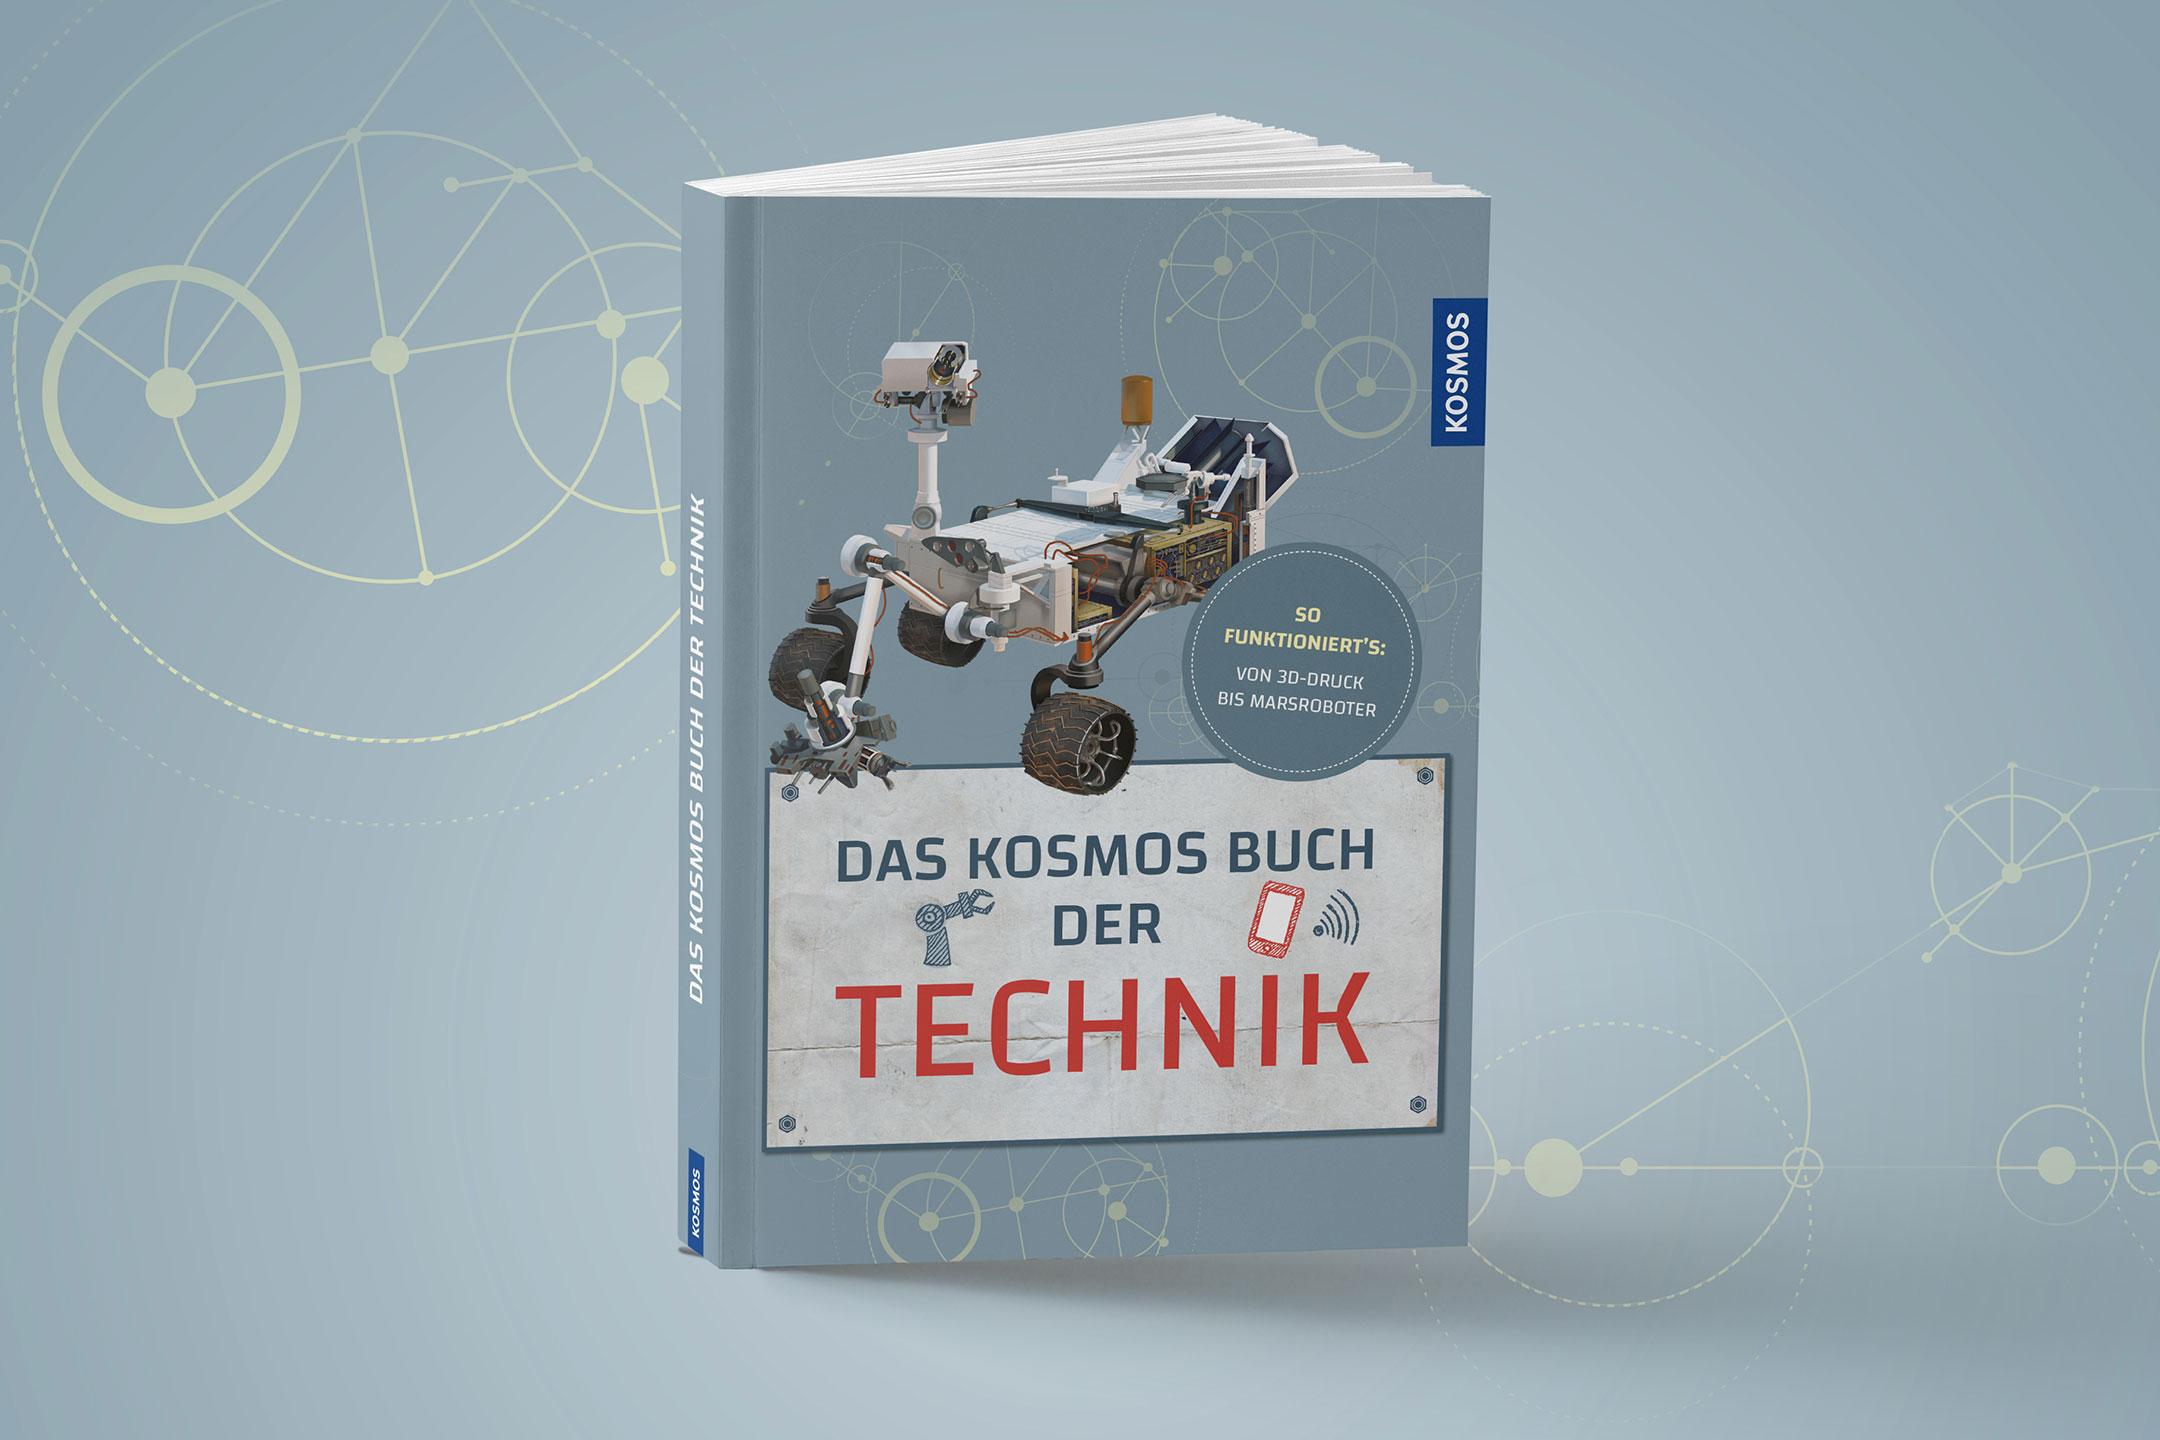 Das Kosmos Buch der Technik